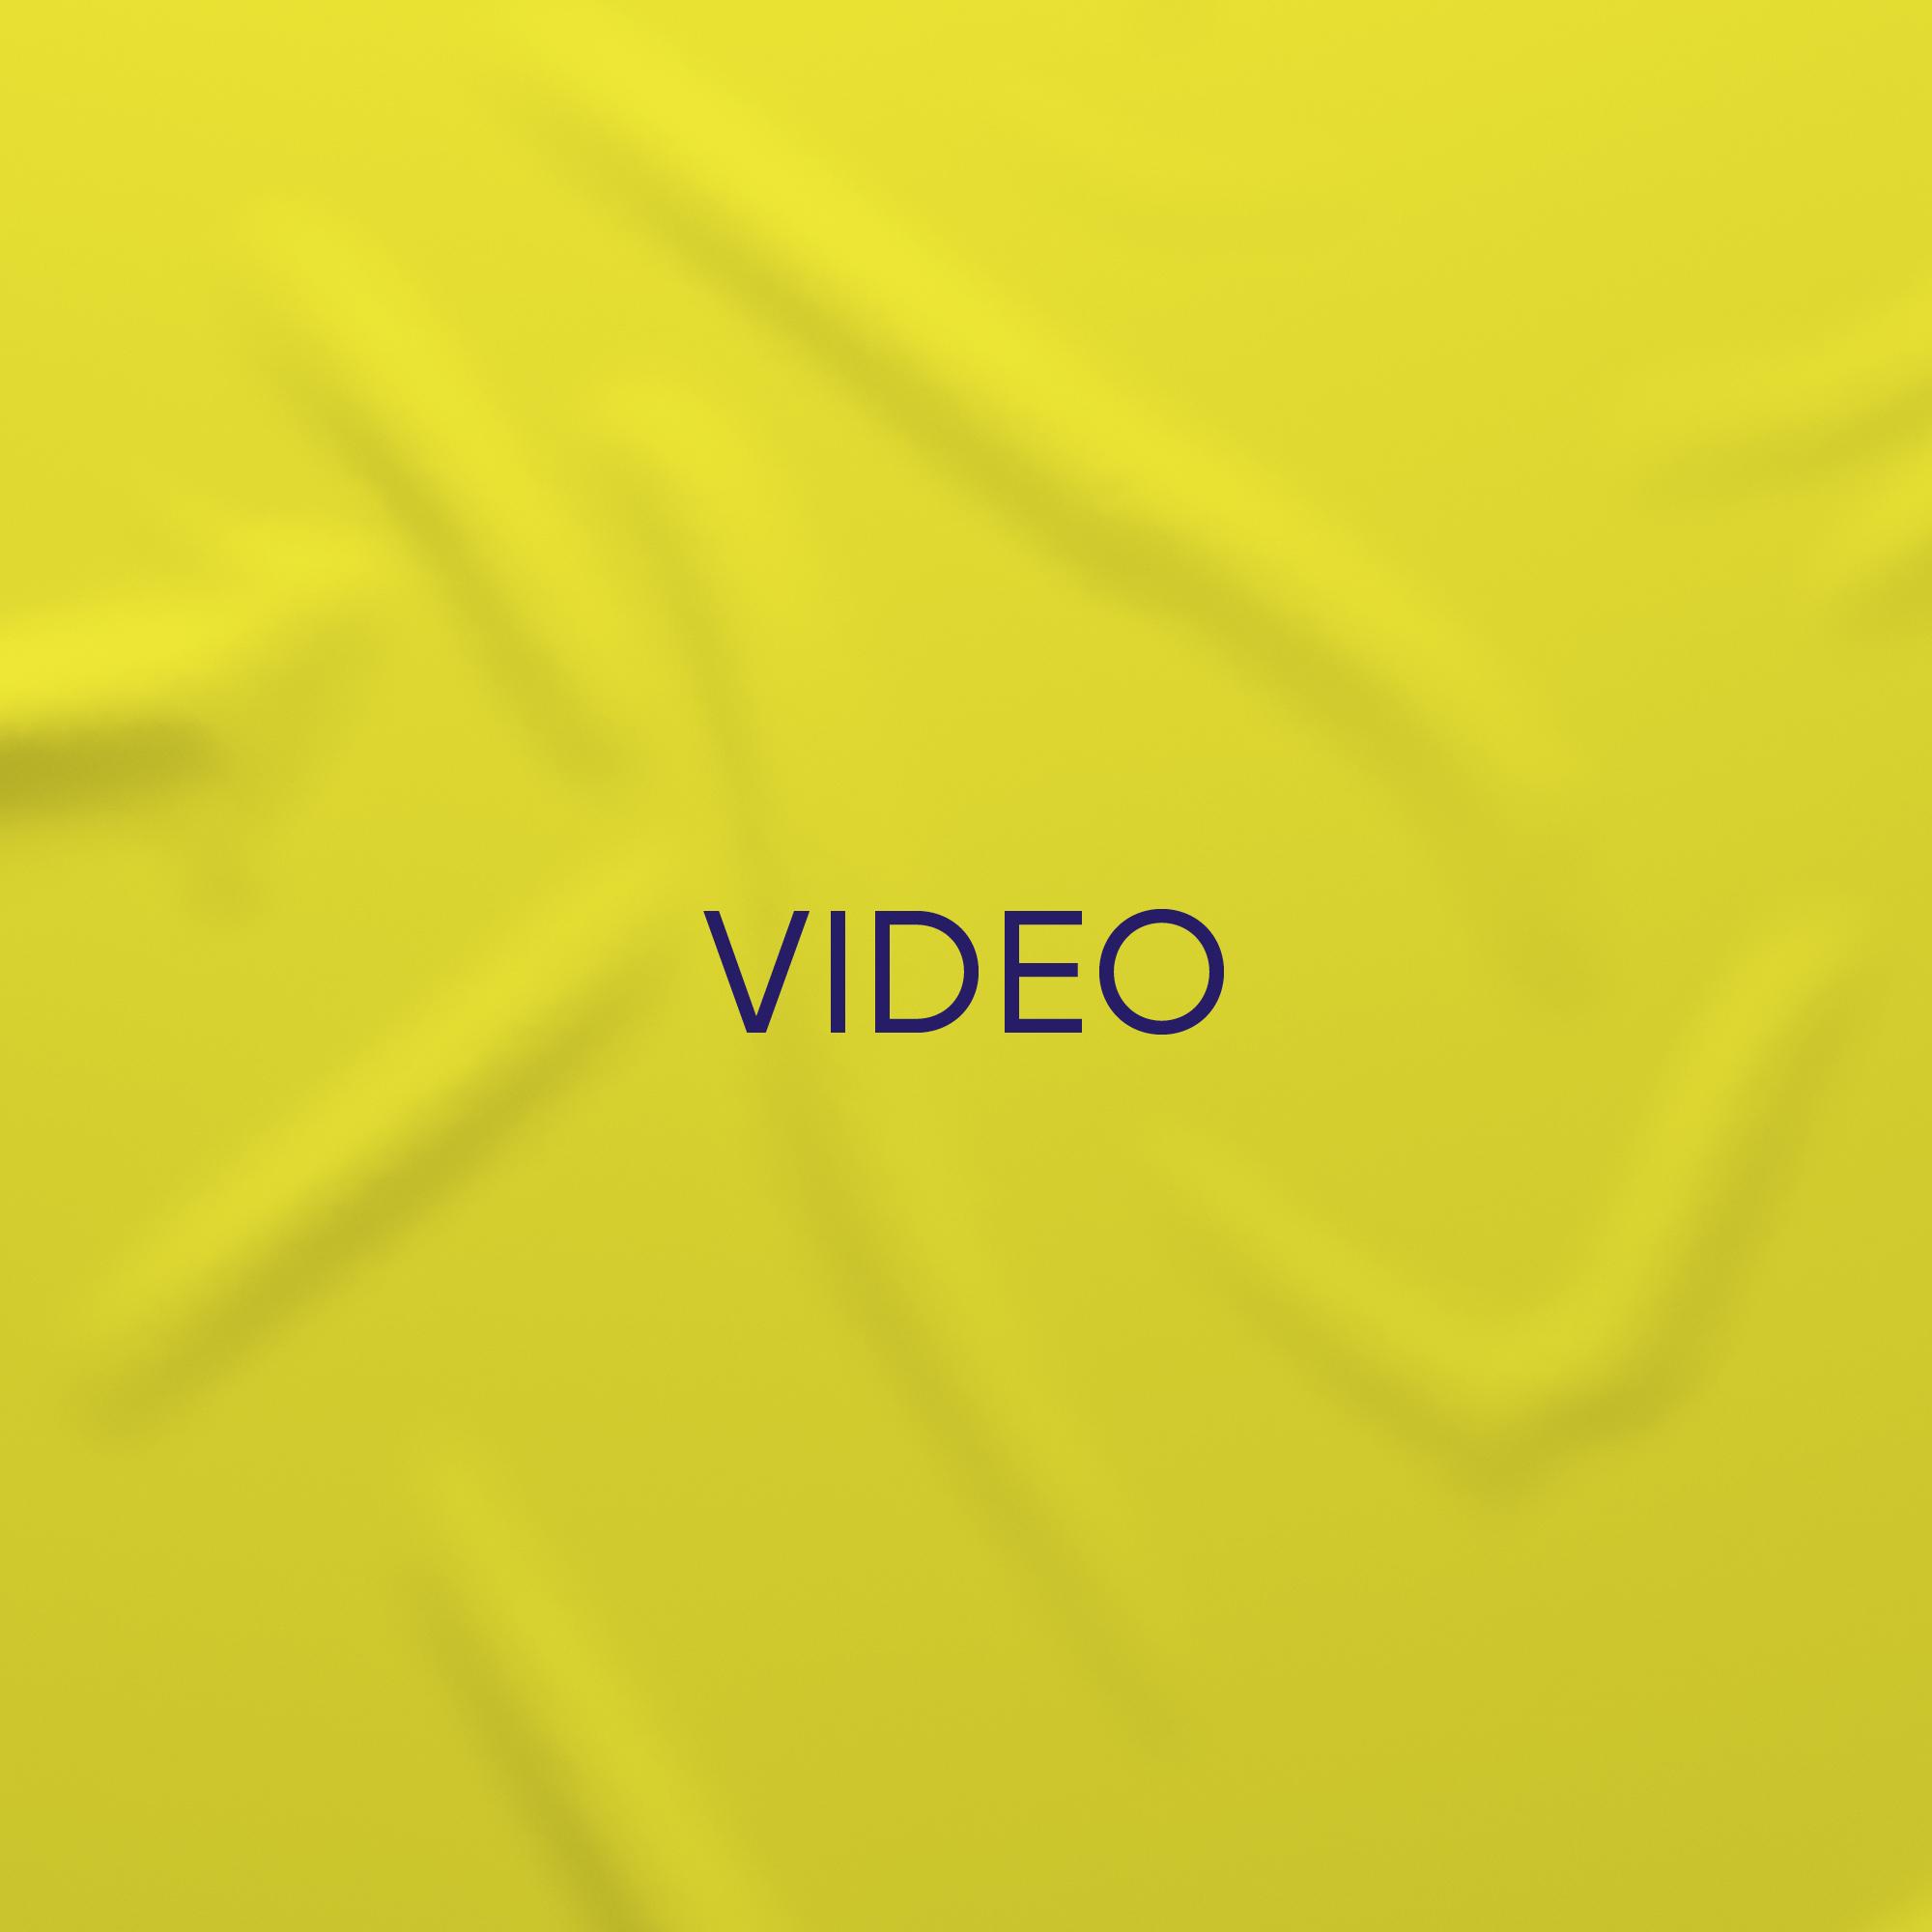 video service icon